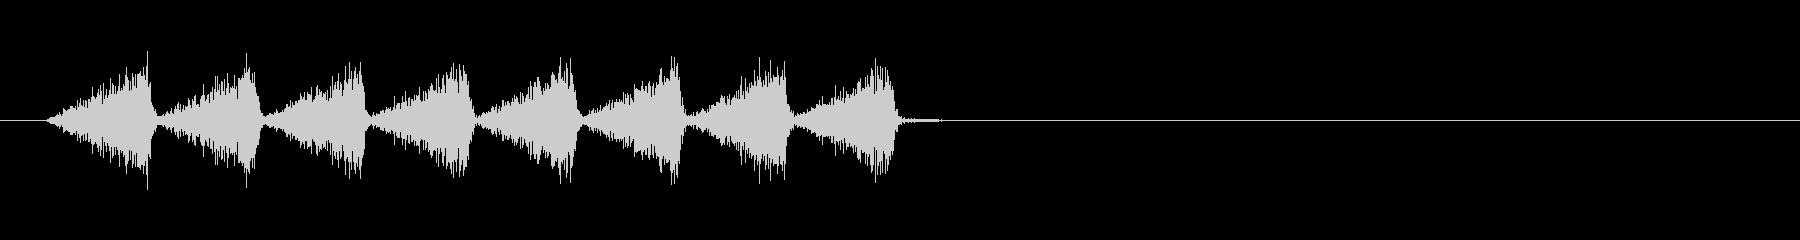 カサカサ(虫、素早く移動、動作)の未再生の波形